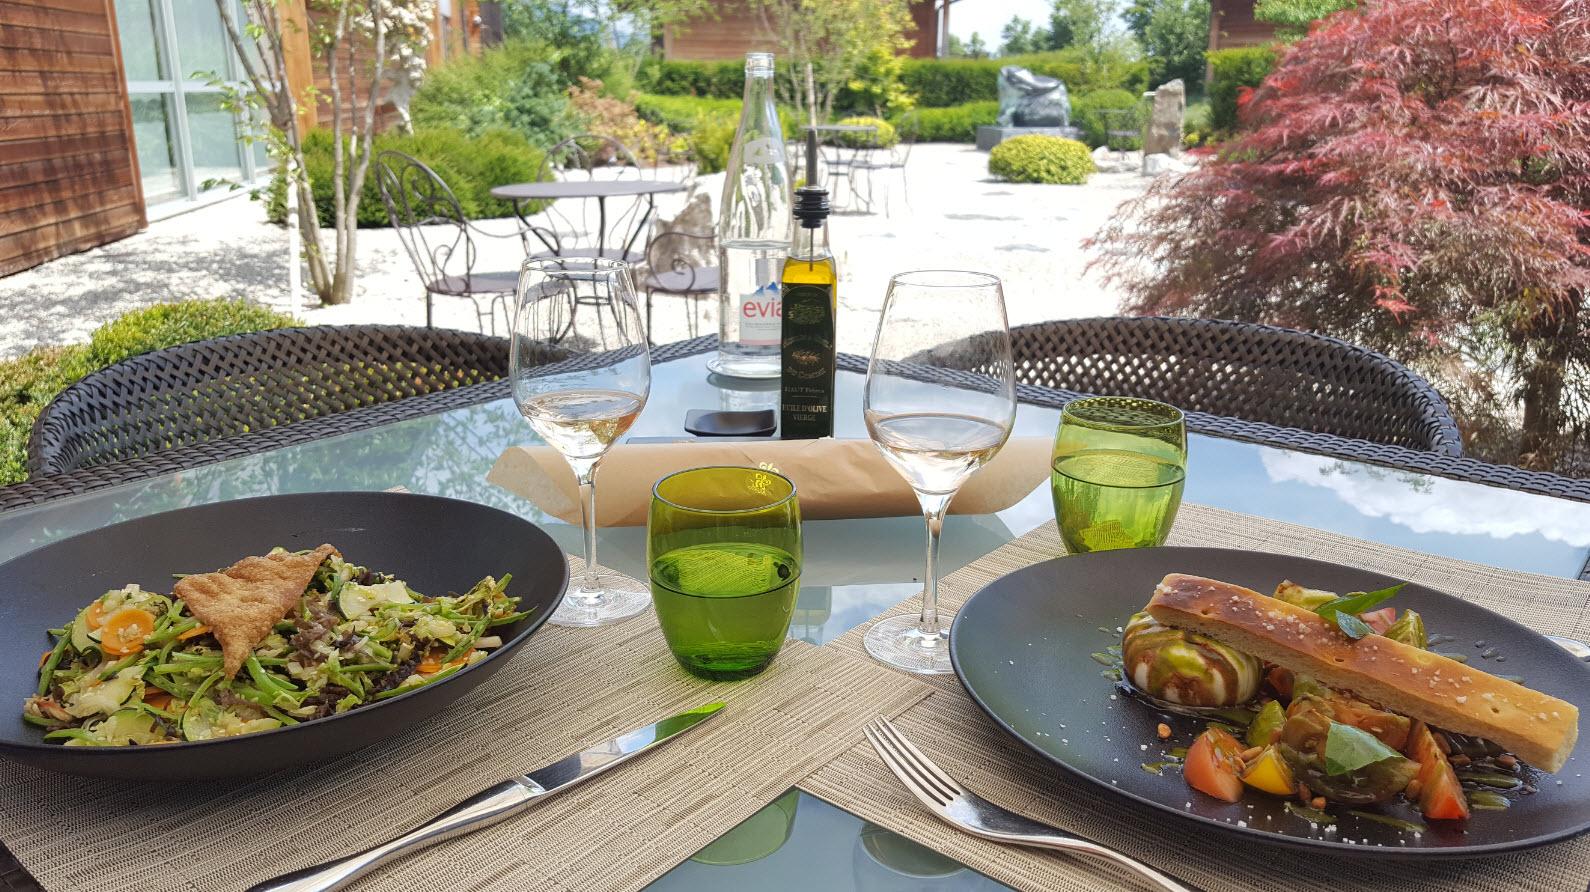 Dejeuner en terrasse